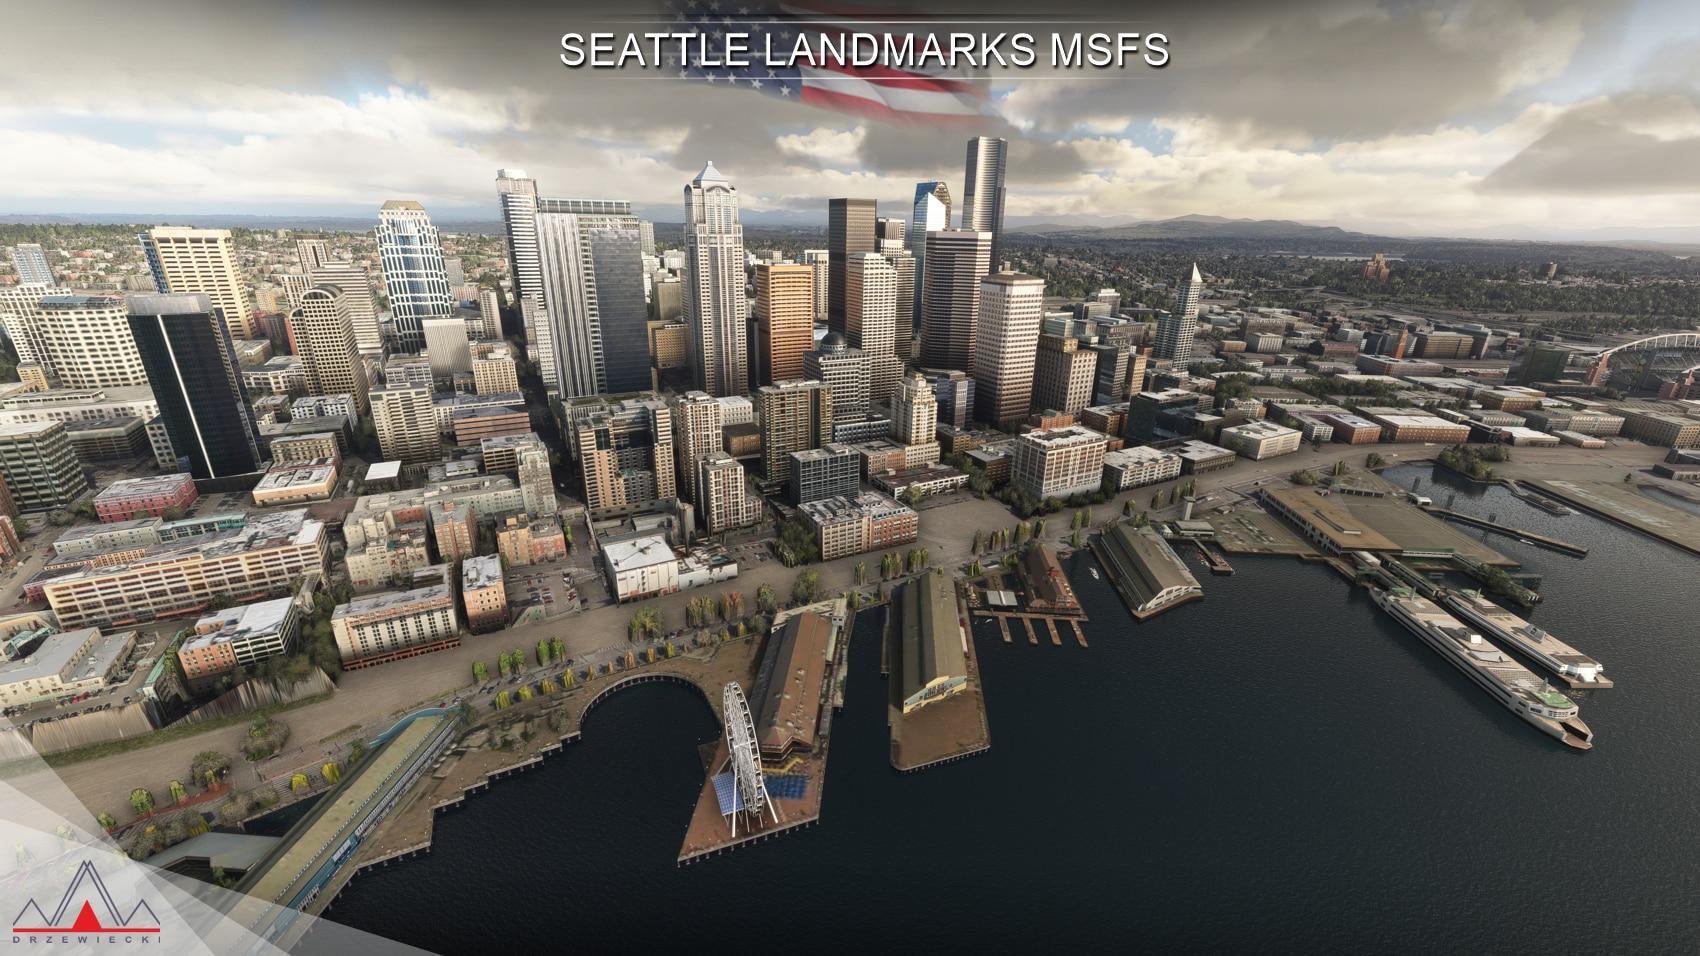 Drzewiecki Design – Seattle Landmarks MSFS